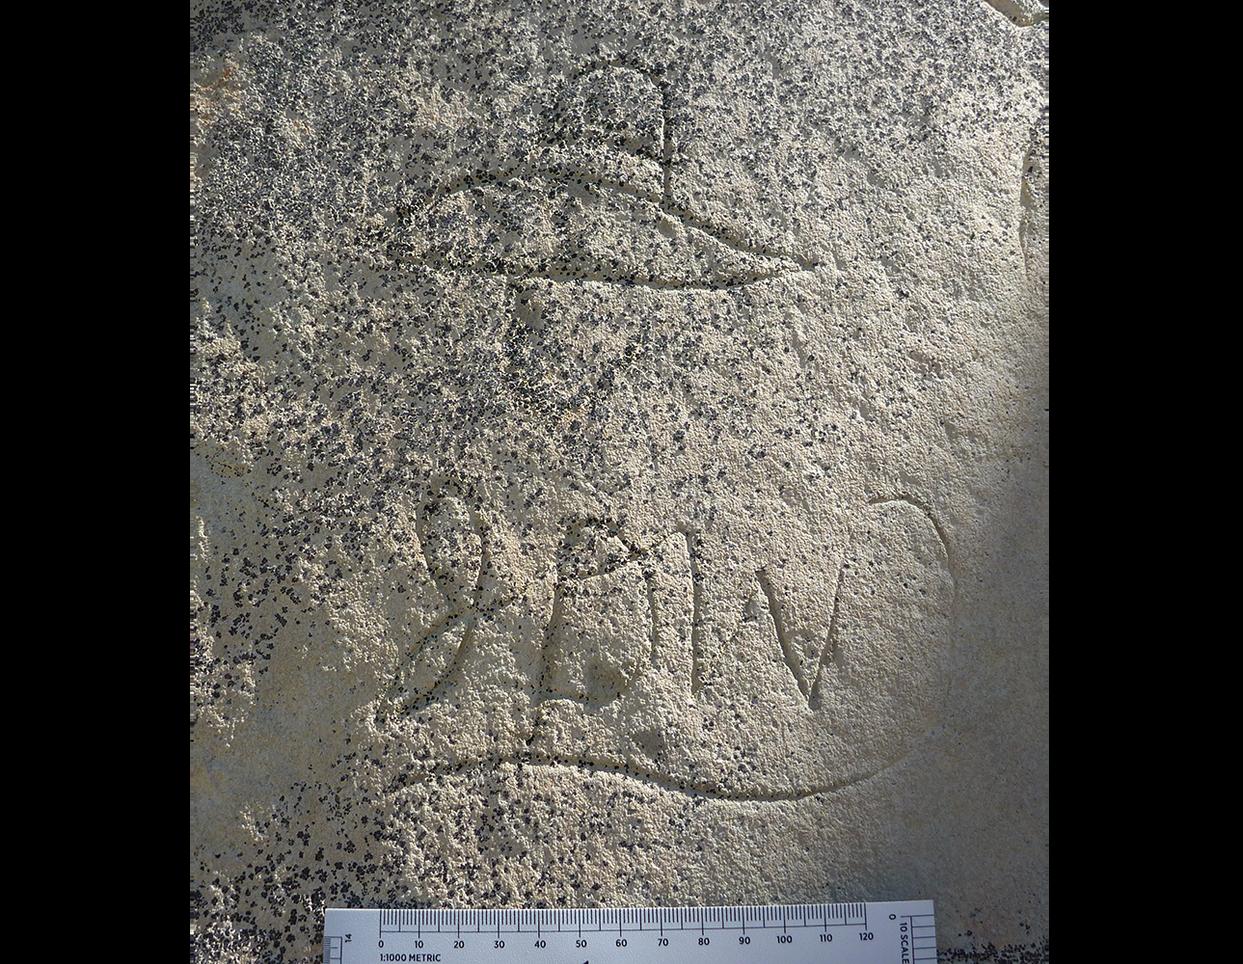 Inscriptions of cowboy hat and initials